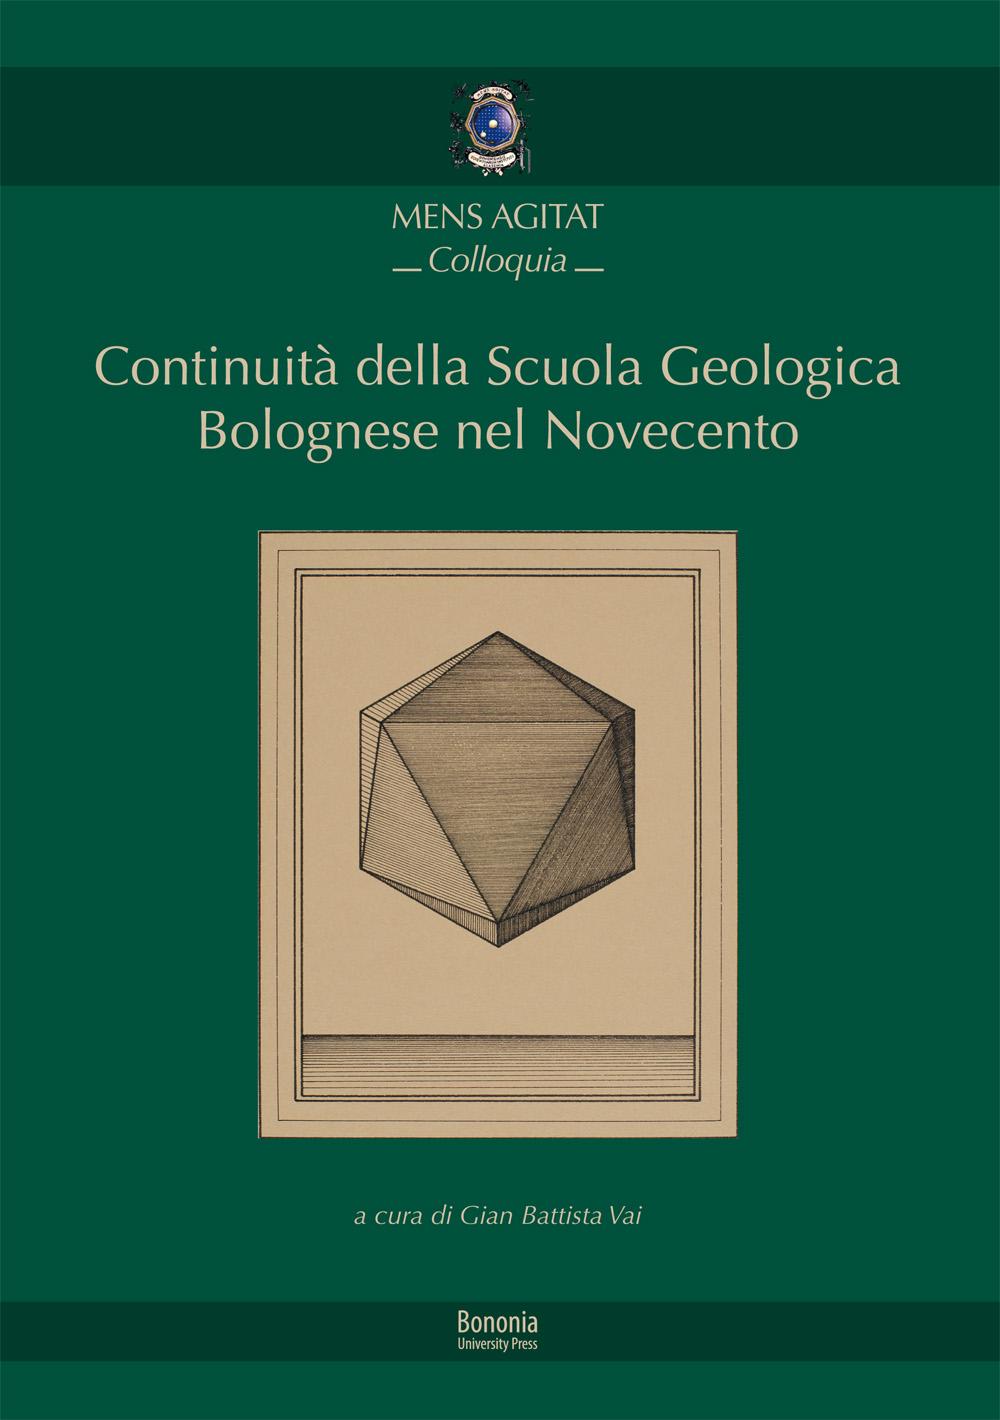 Continuità della Scuola Geologica Bolognese nel Novecento - Bononia University Press